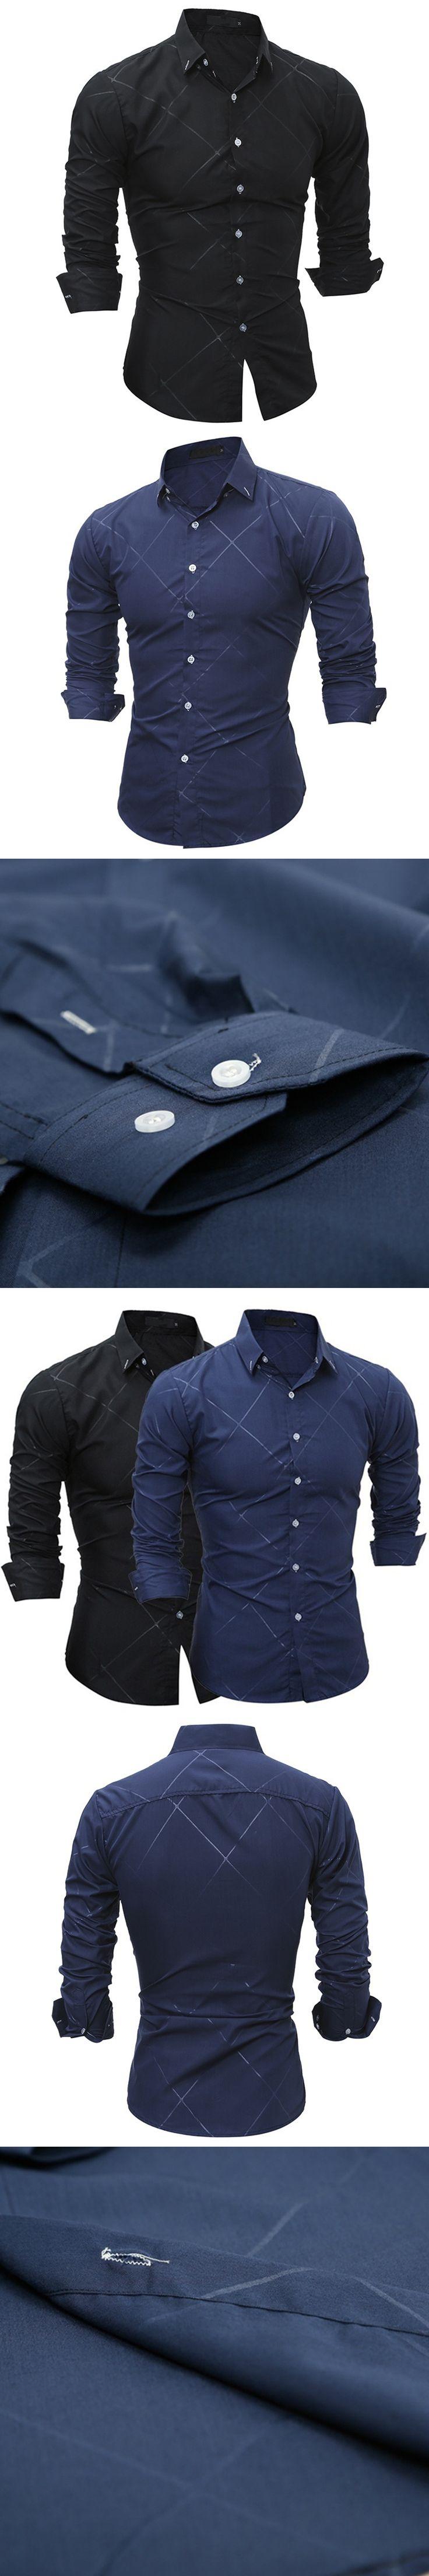 Classic Men Turn-down Collar Long Sleeve Shirt Dark Embossed Print Slim Fit Top